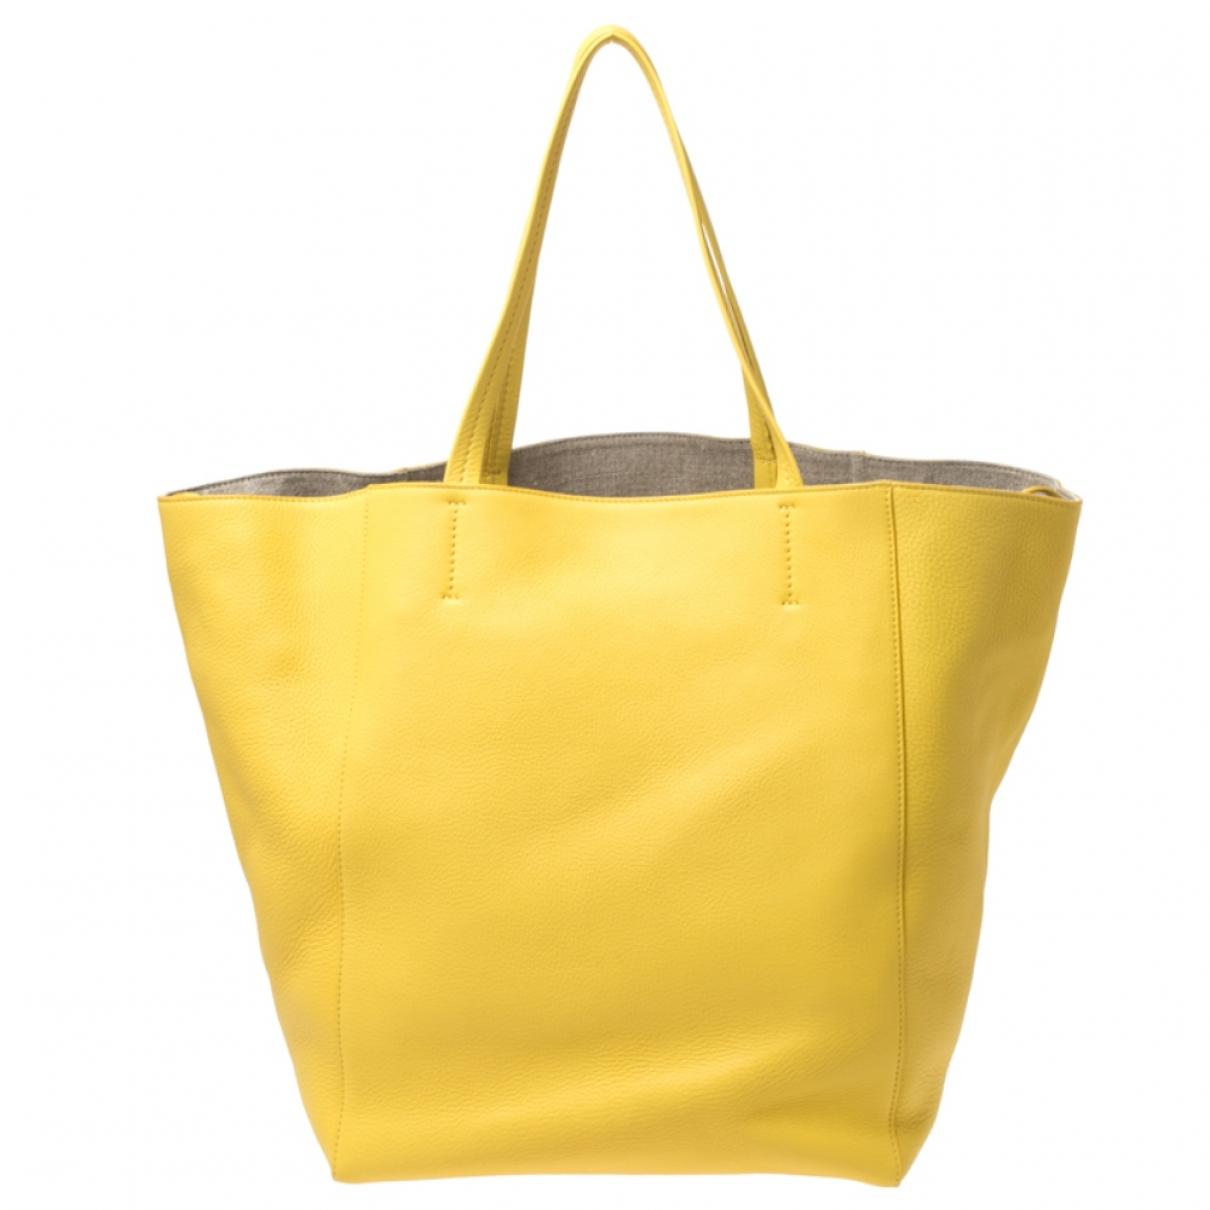 Celine - Sac a main   pour femme en cuir - jaune